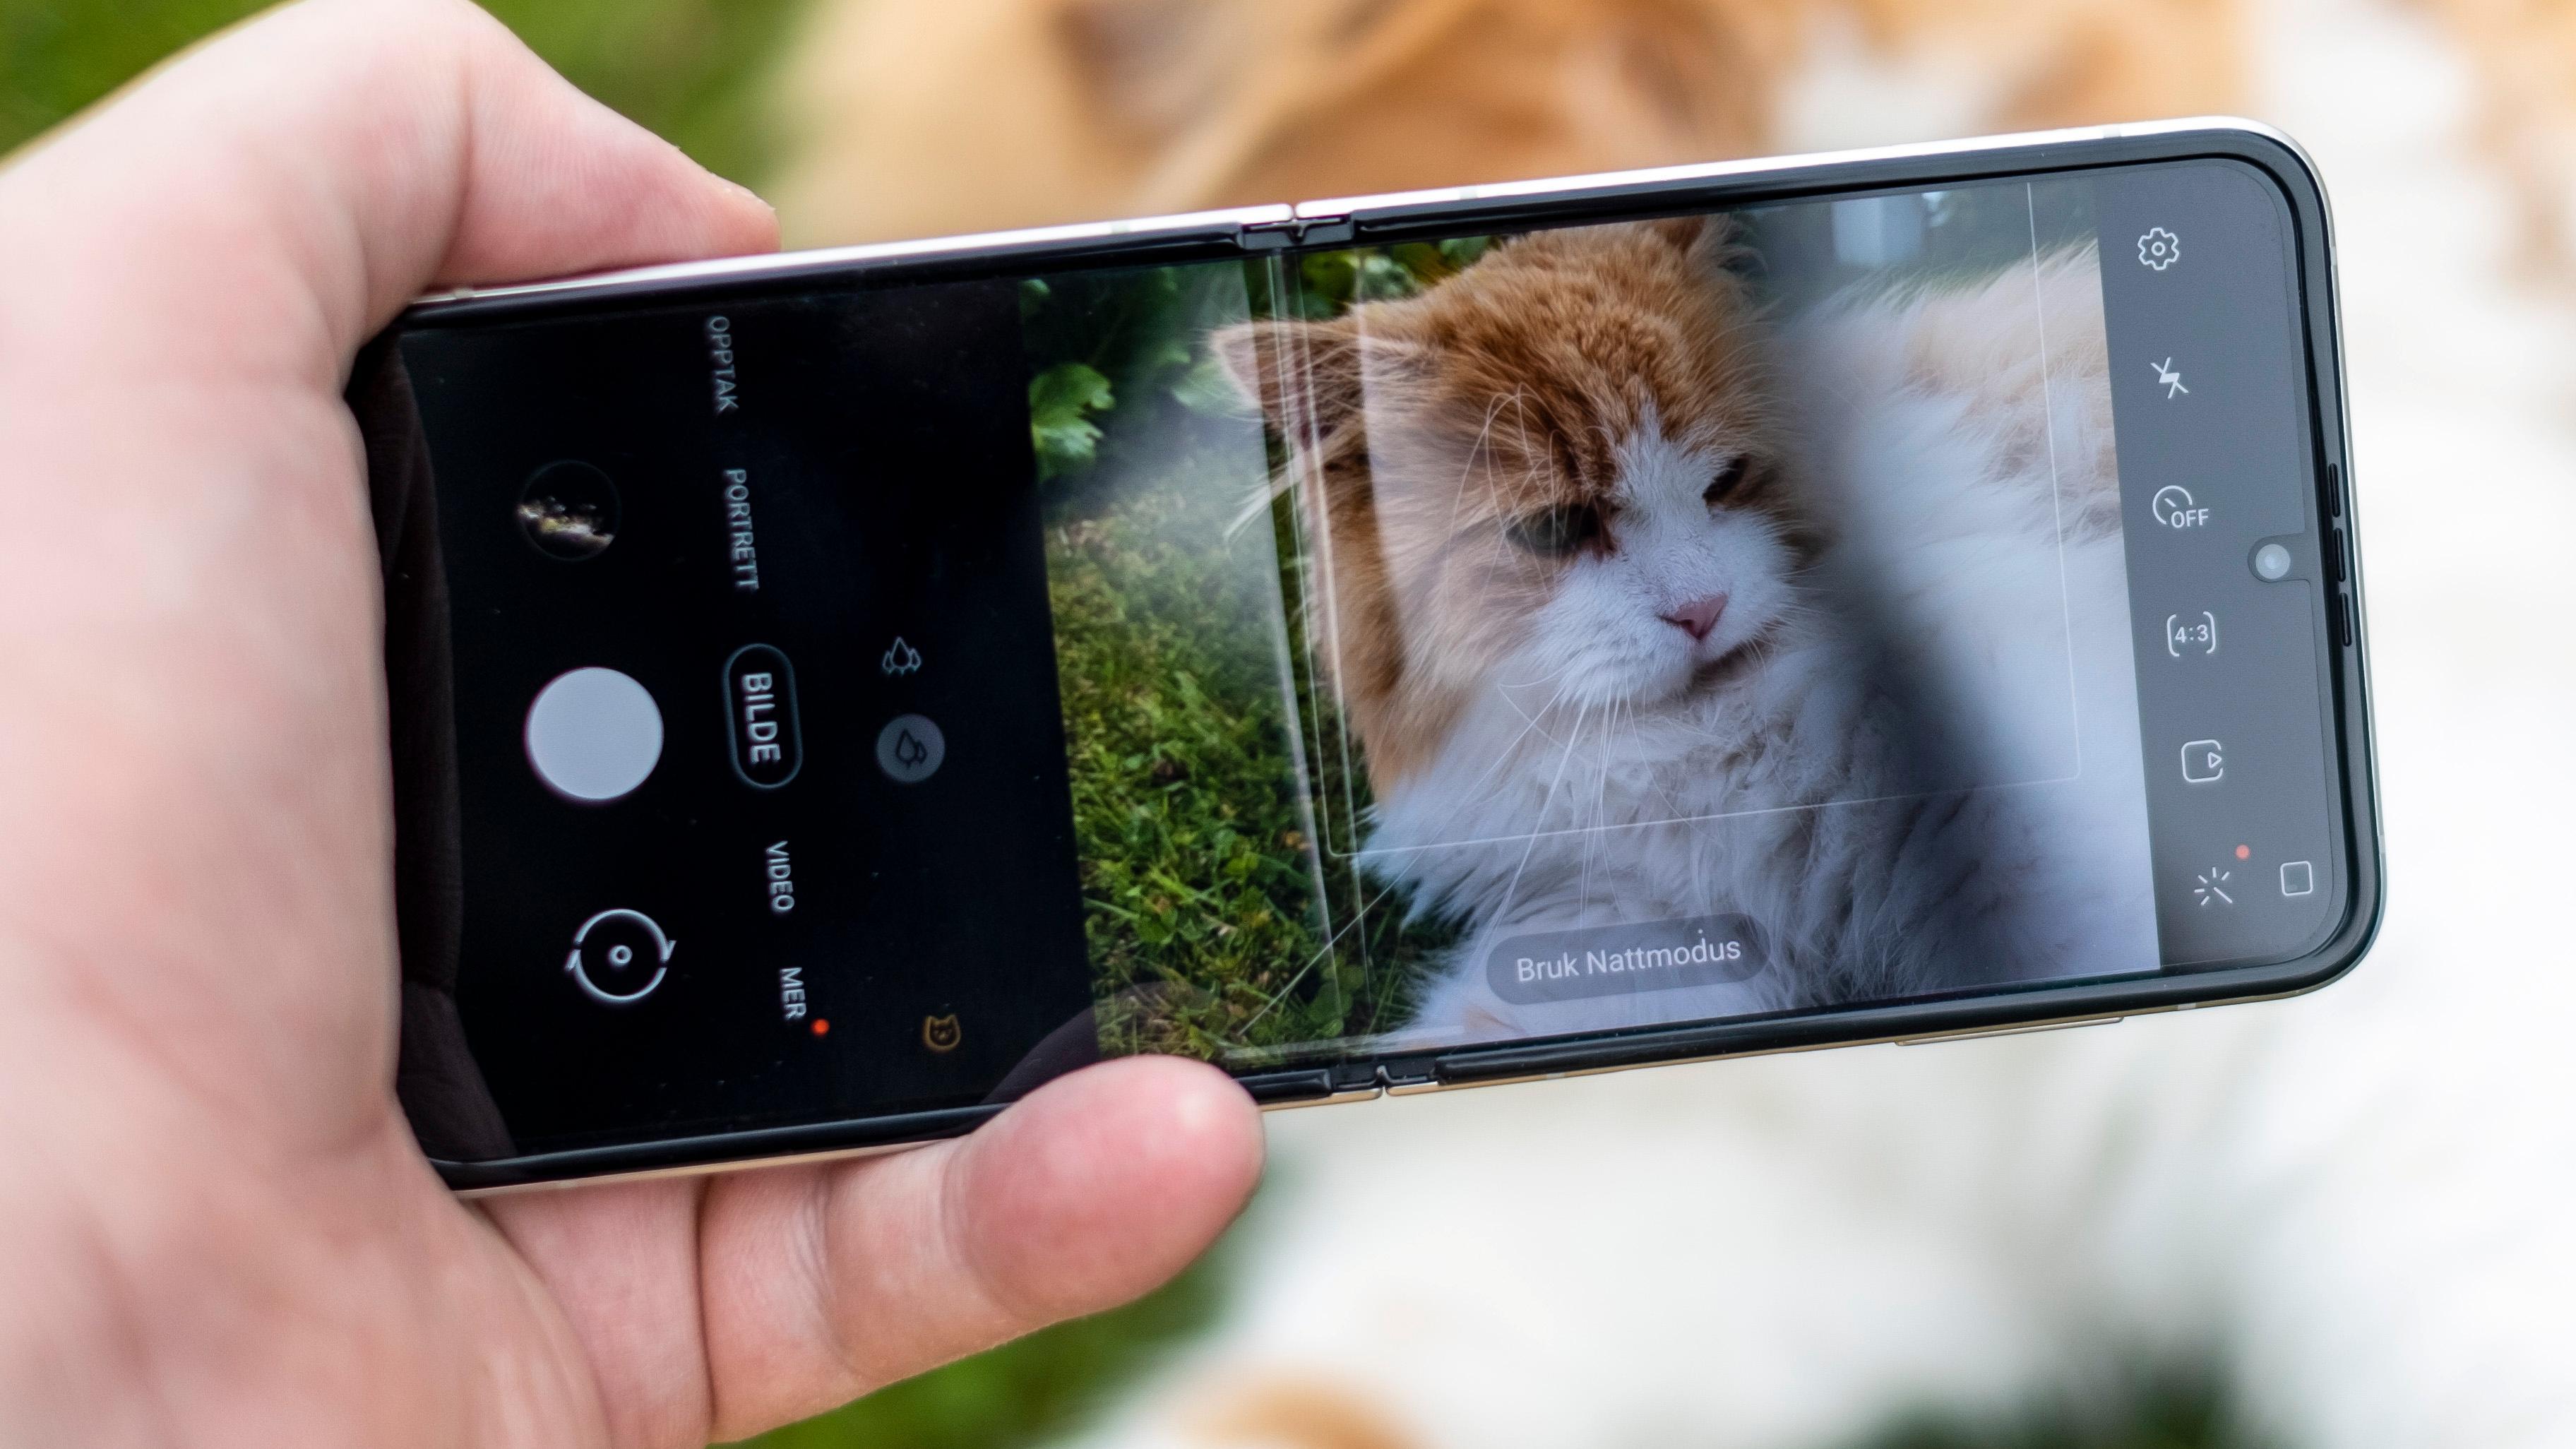 Hvis du ignorerer at telefonen av en eller annen grunn vil bruke nattmodus på katta, legger du muligens merke til plasten rundt selfiekameraet. Dette er en skjermbeskytter som ikke skal tas av på brettbare telefoner - den kan imidlertid byttes på verksted når den blir utslitt.